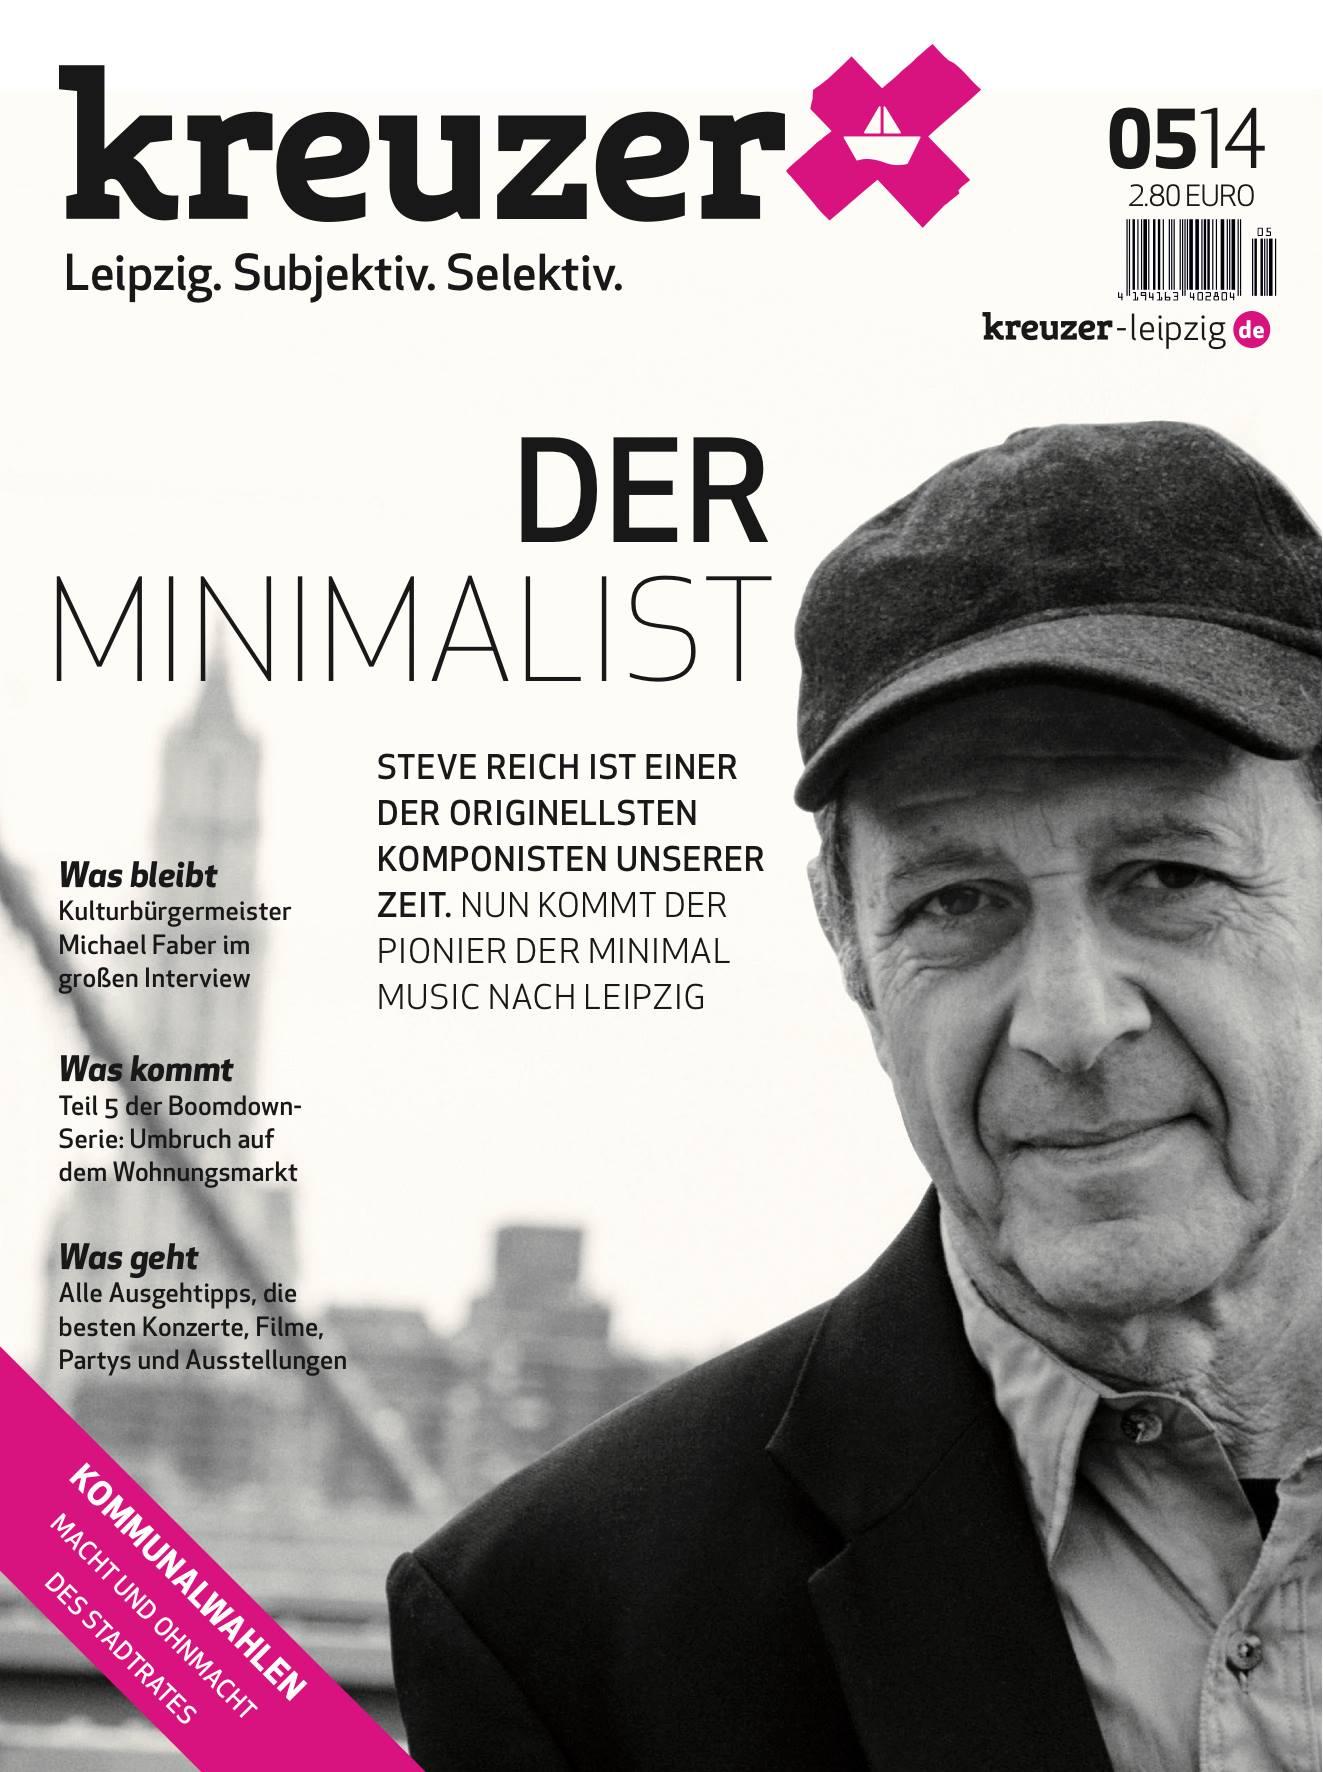 kreuzer 05-2014